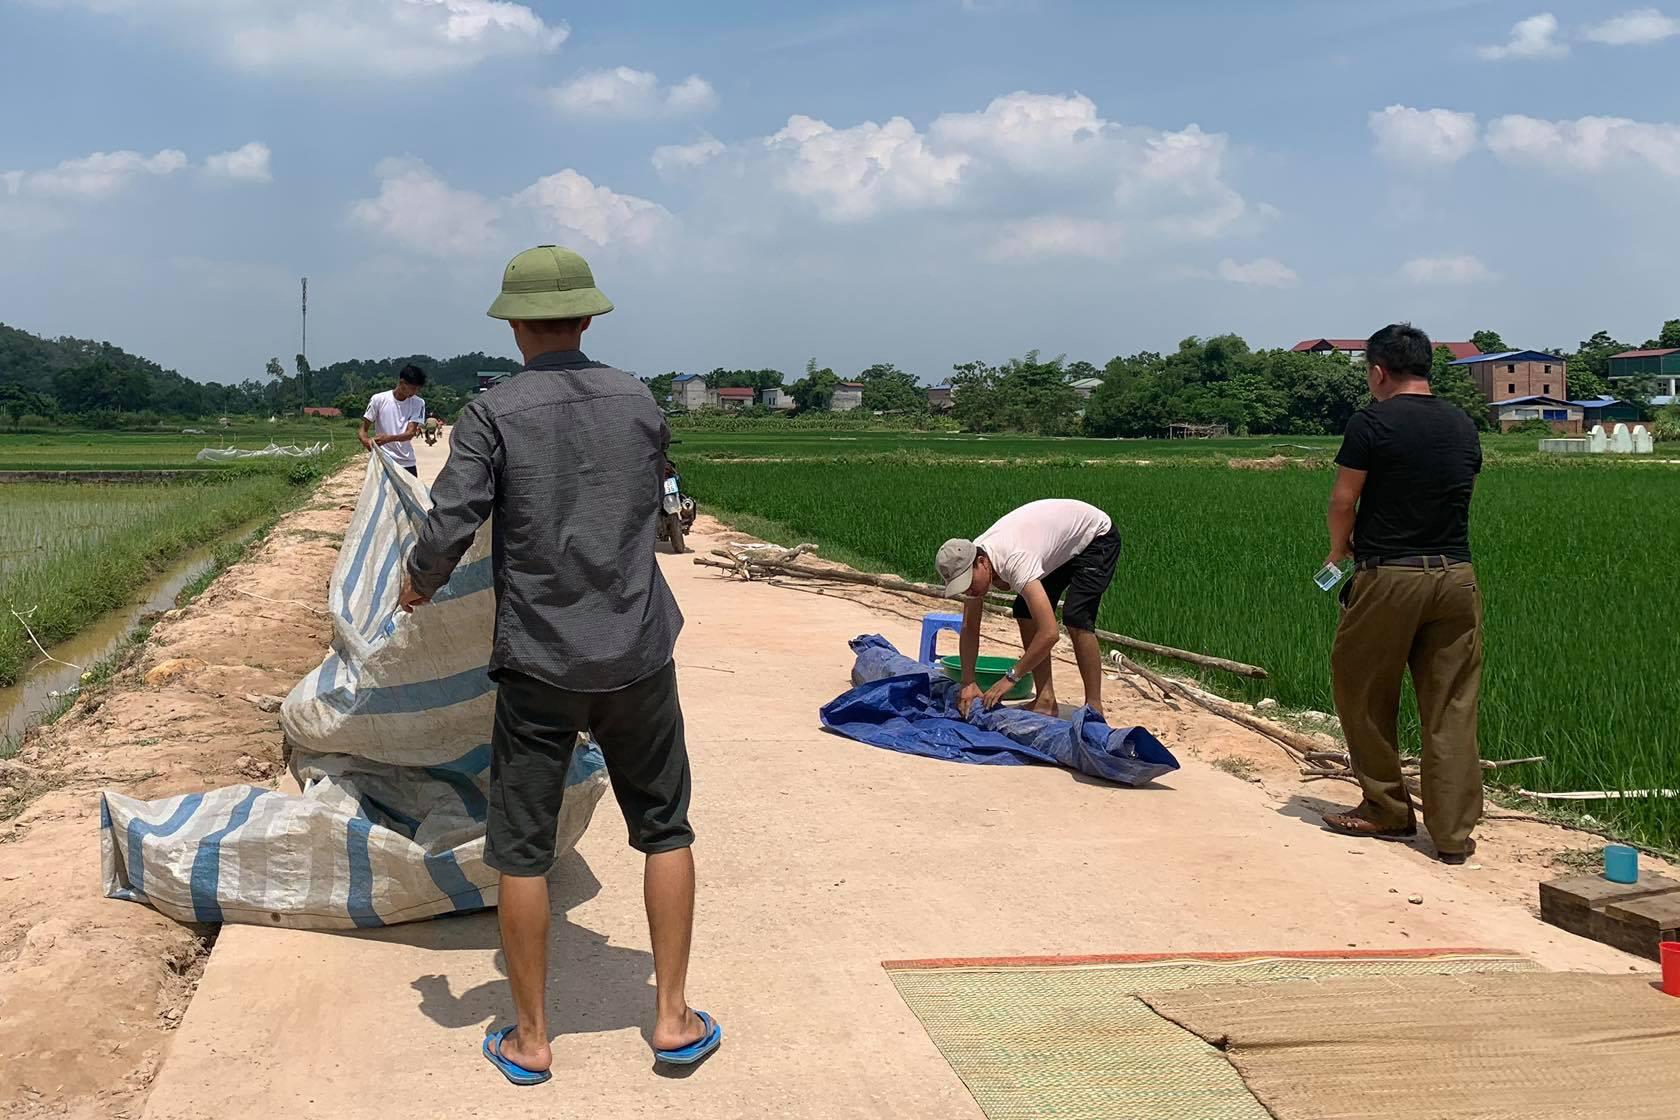 Sau cuộc đối thoại, người dân ngừng chặn xe chở rác vào bãi rác Nam Sơn - Ảnh 1